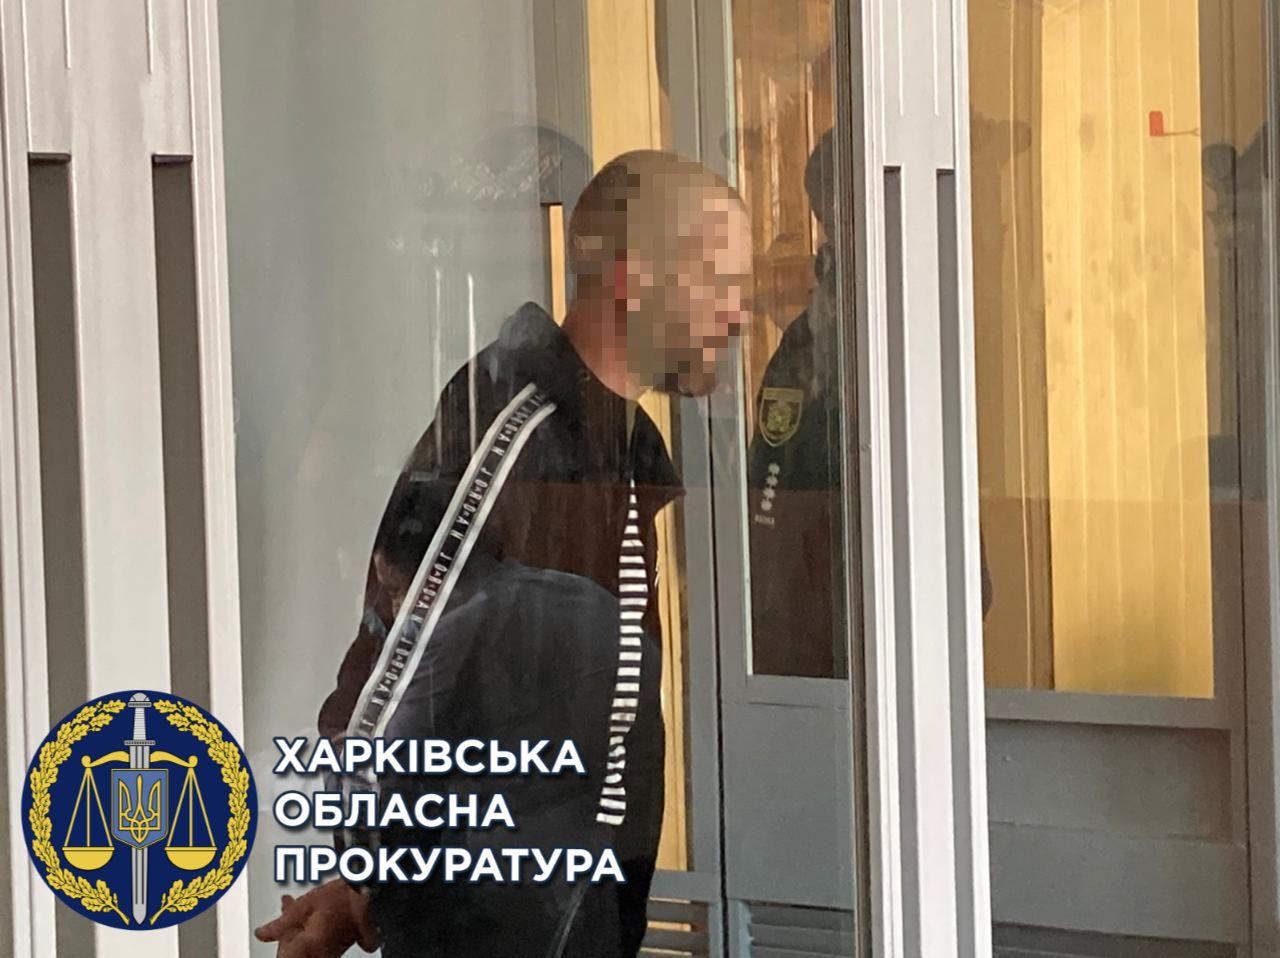 Взрыв гранаты на Гагарина: 29-летнего мужчину взяли под стражу без внесения залога (фото)